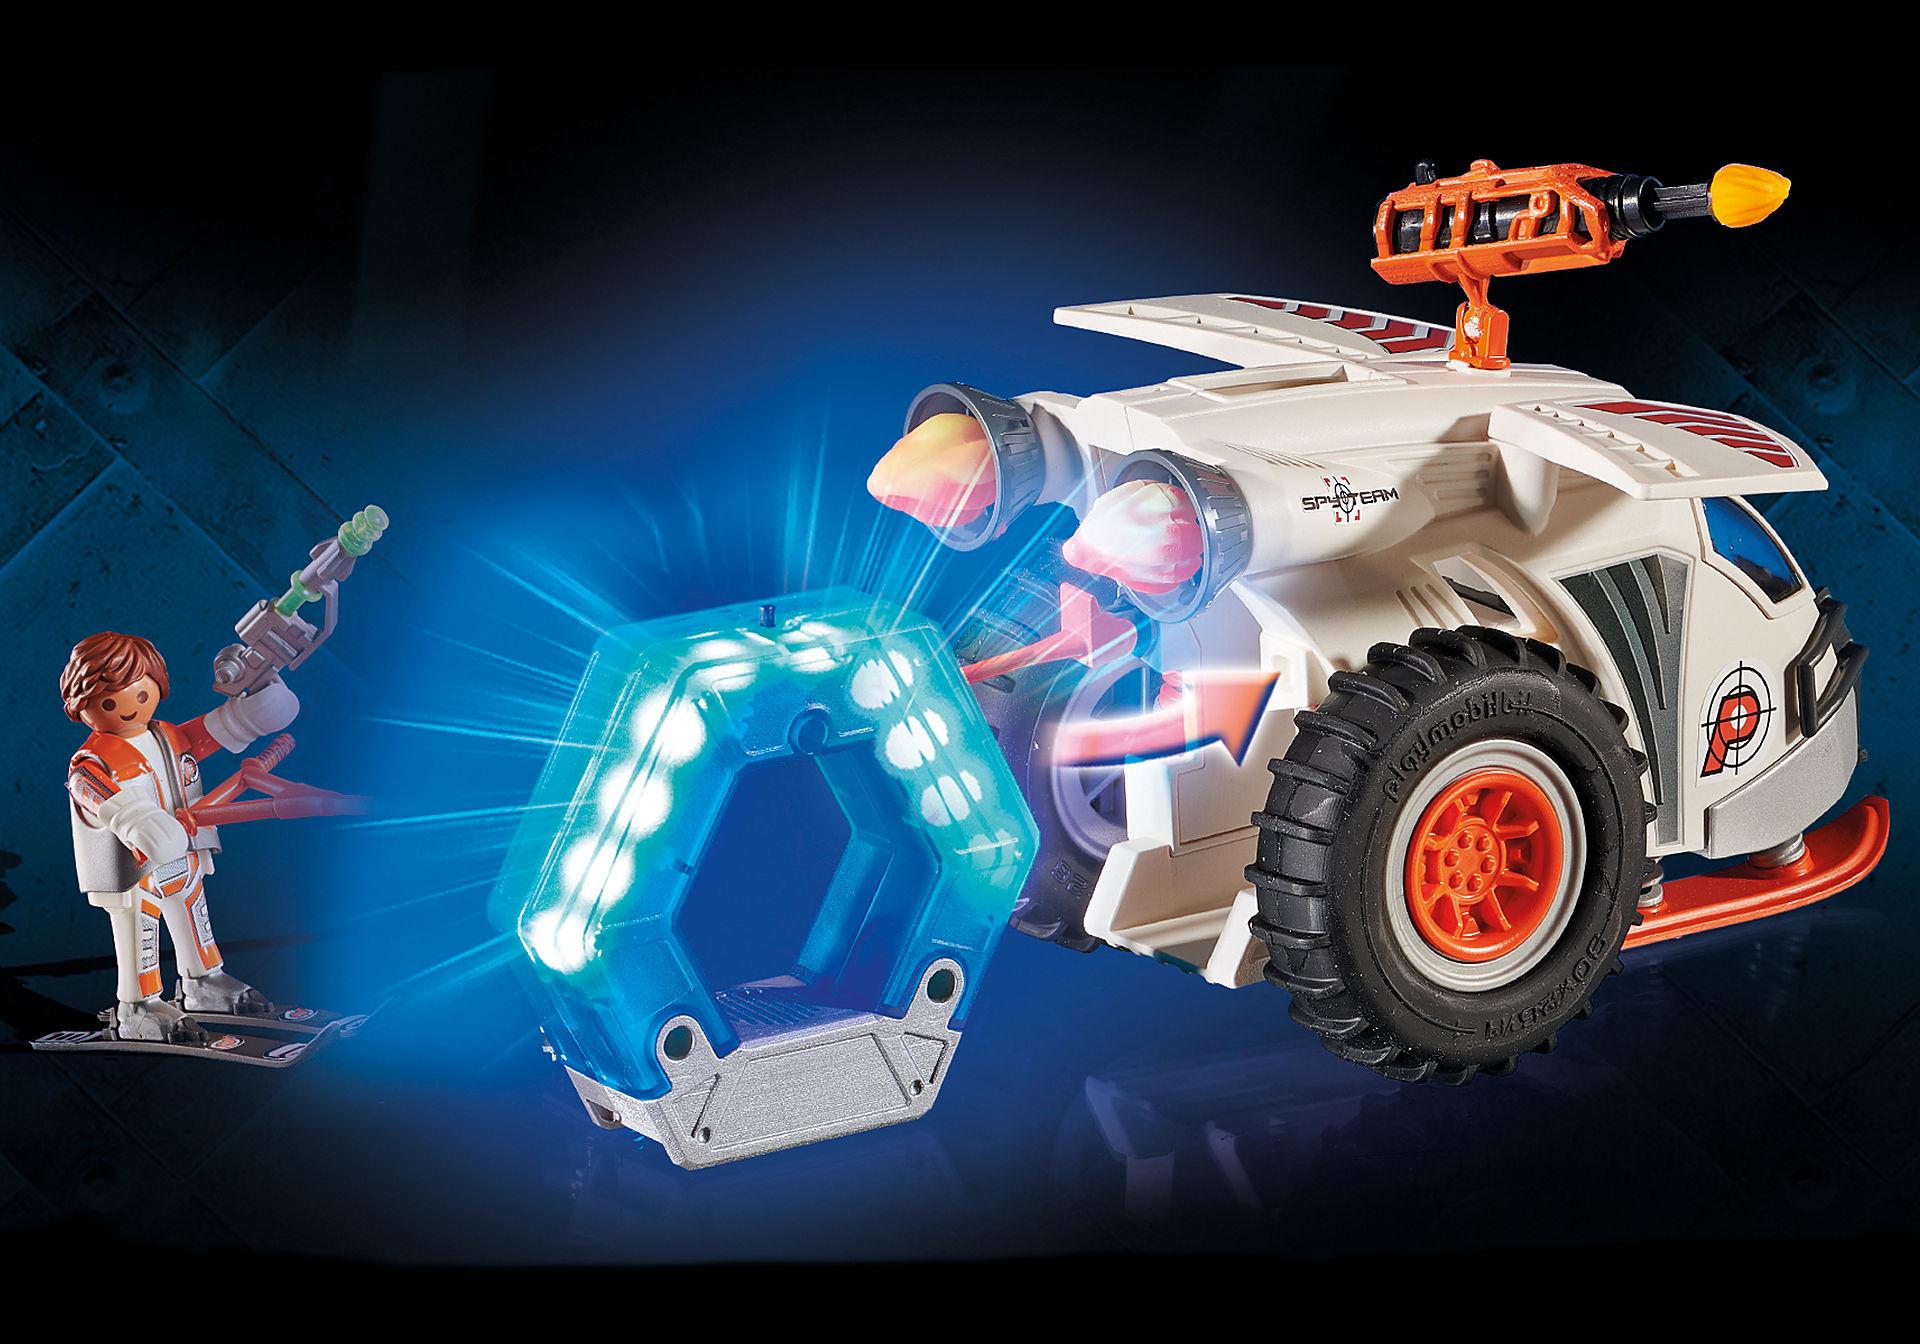 70231 Spy Team Pojazd śnieżny zoom image4